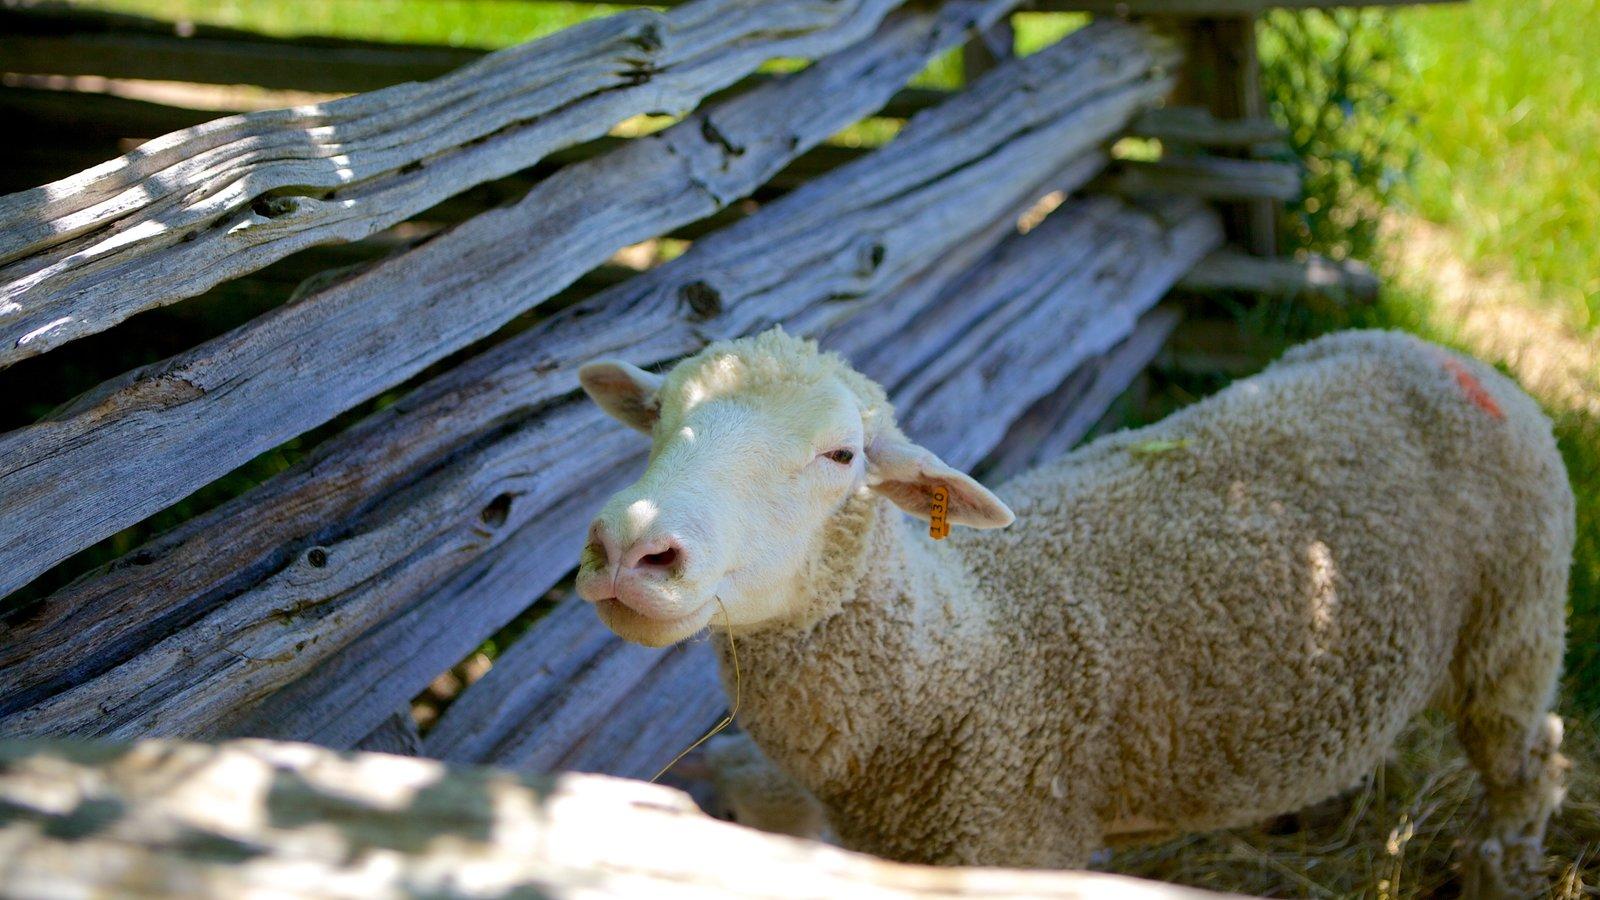 Fanshawe Pioneer Village showing farmland and cuddly or friendly animals